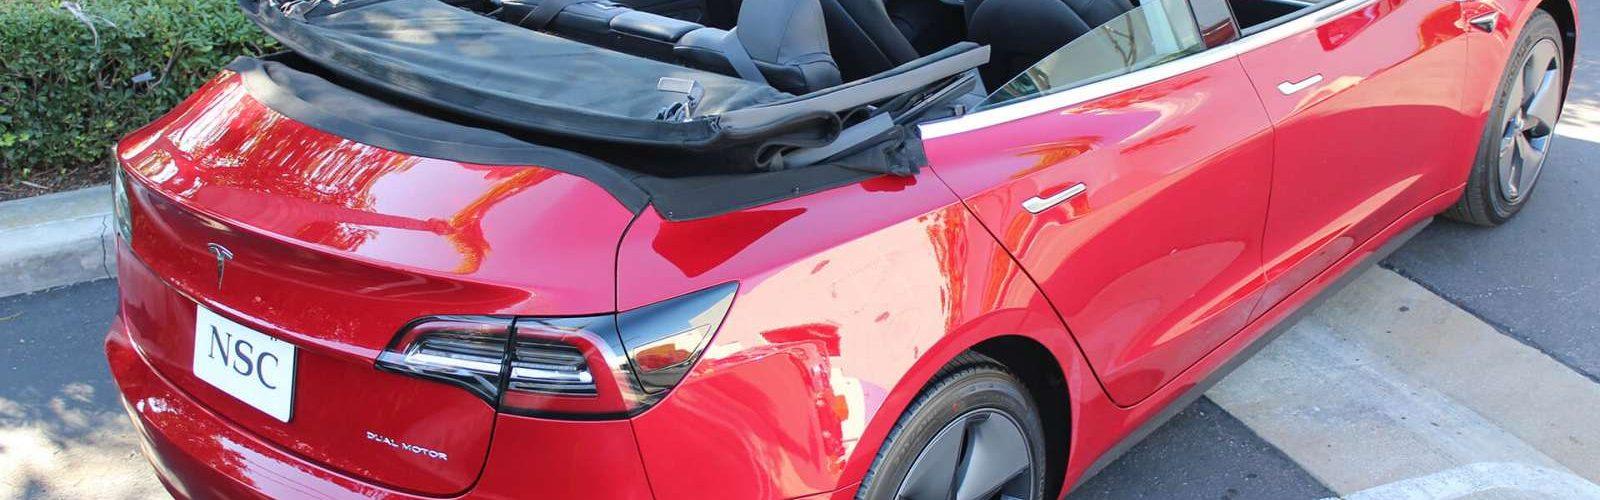 Tesla Model 3 Cabriolet NCE